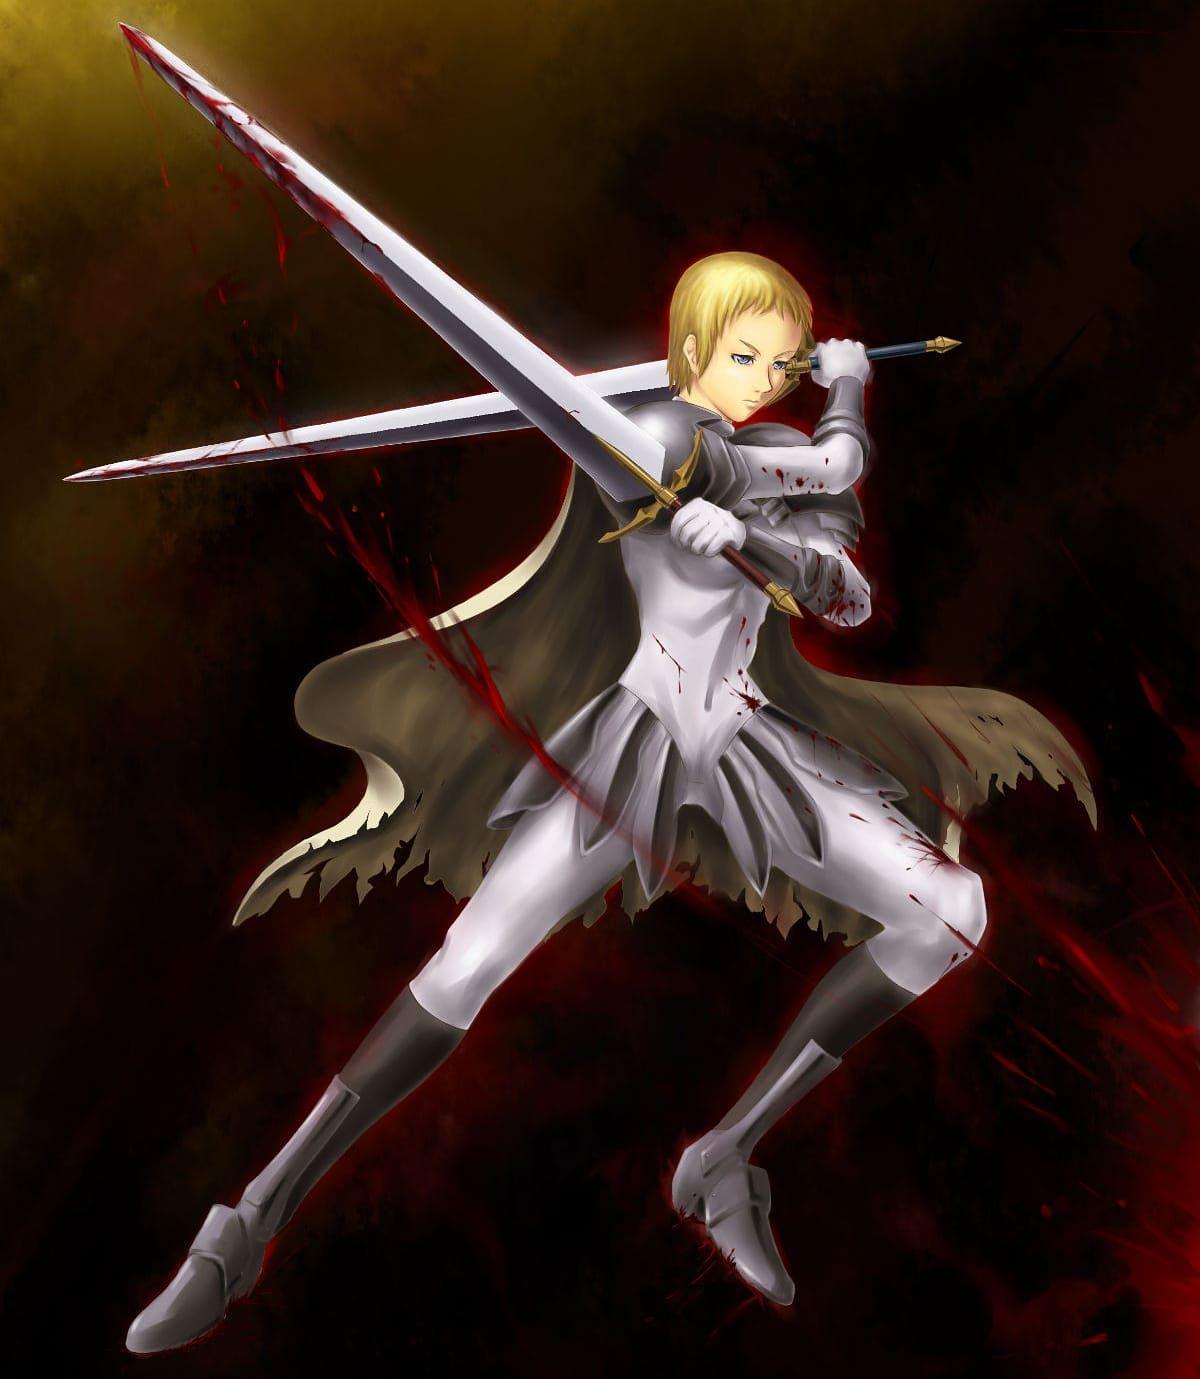 Pin on claymore anime & manga